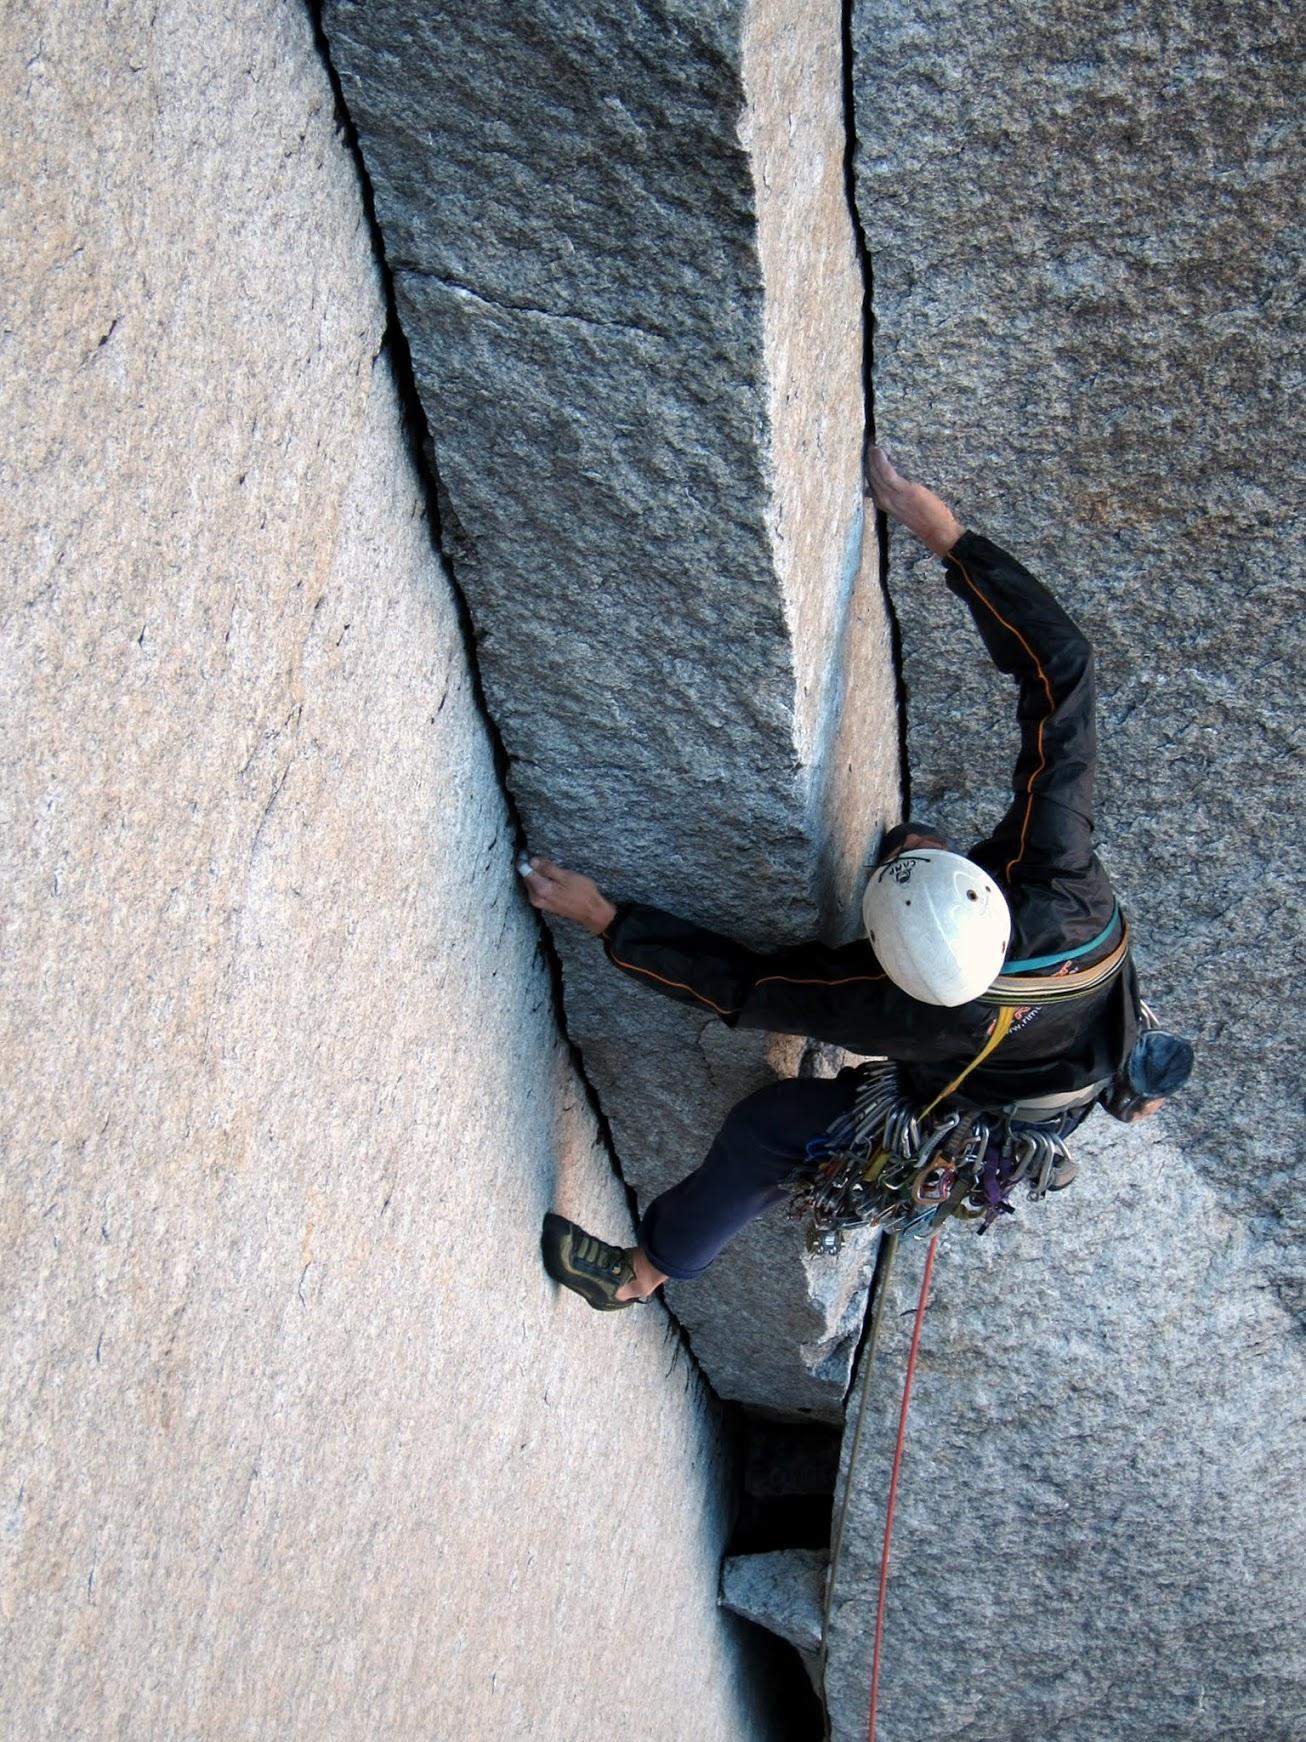 Ezequiel Manoni en el 1° largo de Doña Debora Dedos (5.12, 420 m) sobre la Pared del Atardecer en Anfiteatro. © Daniel Seeliger